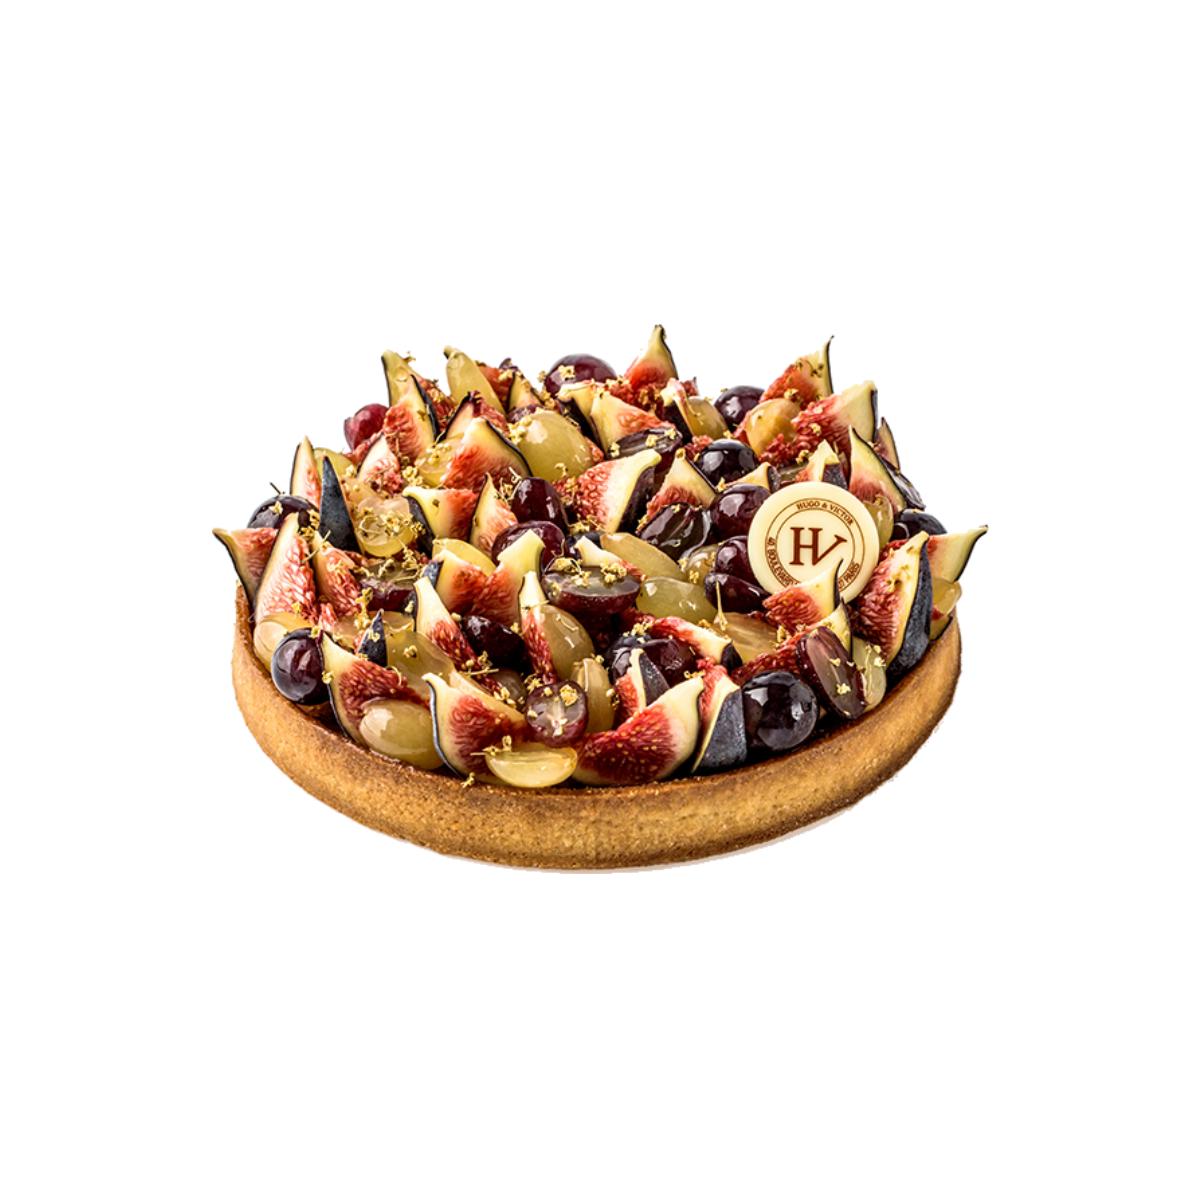 La tarte figue